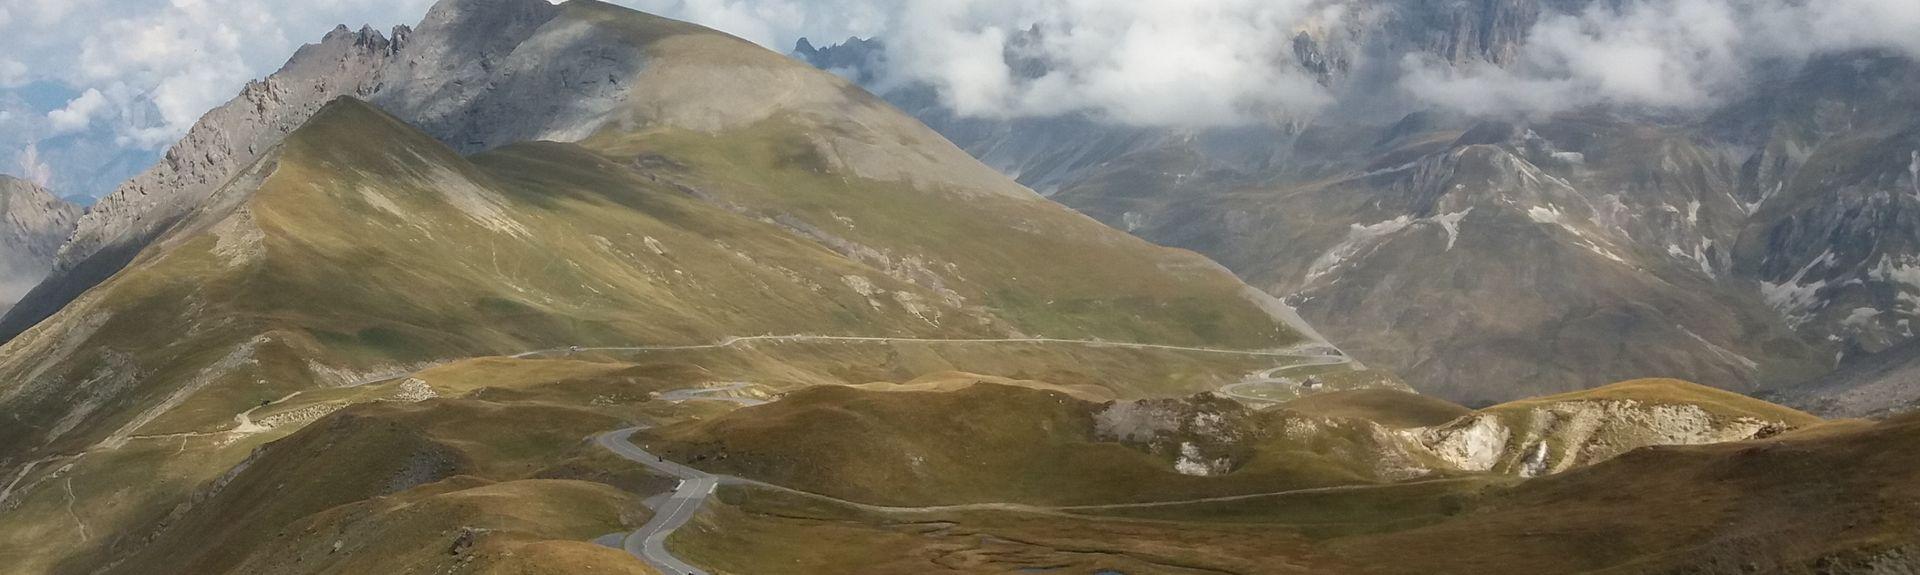 Albiez-Montrond, Savoie (department), France